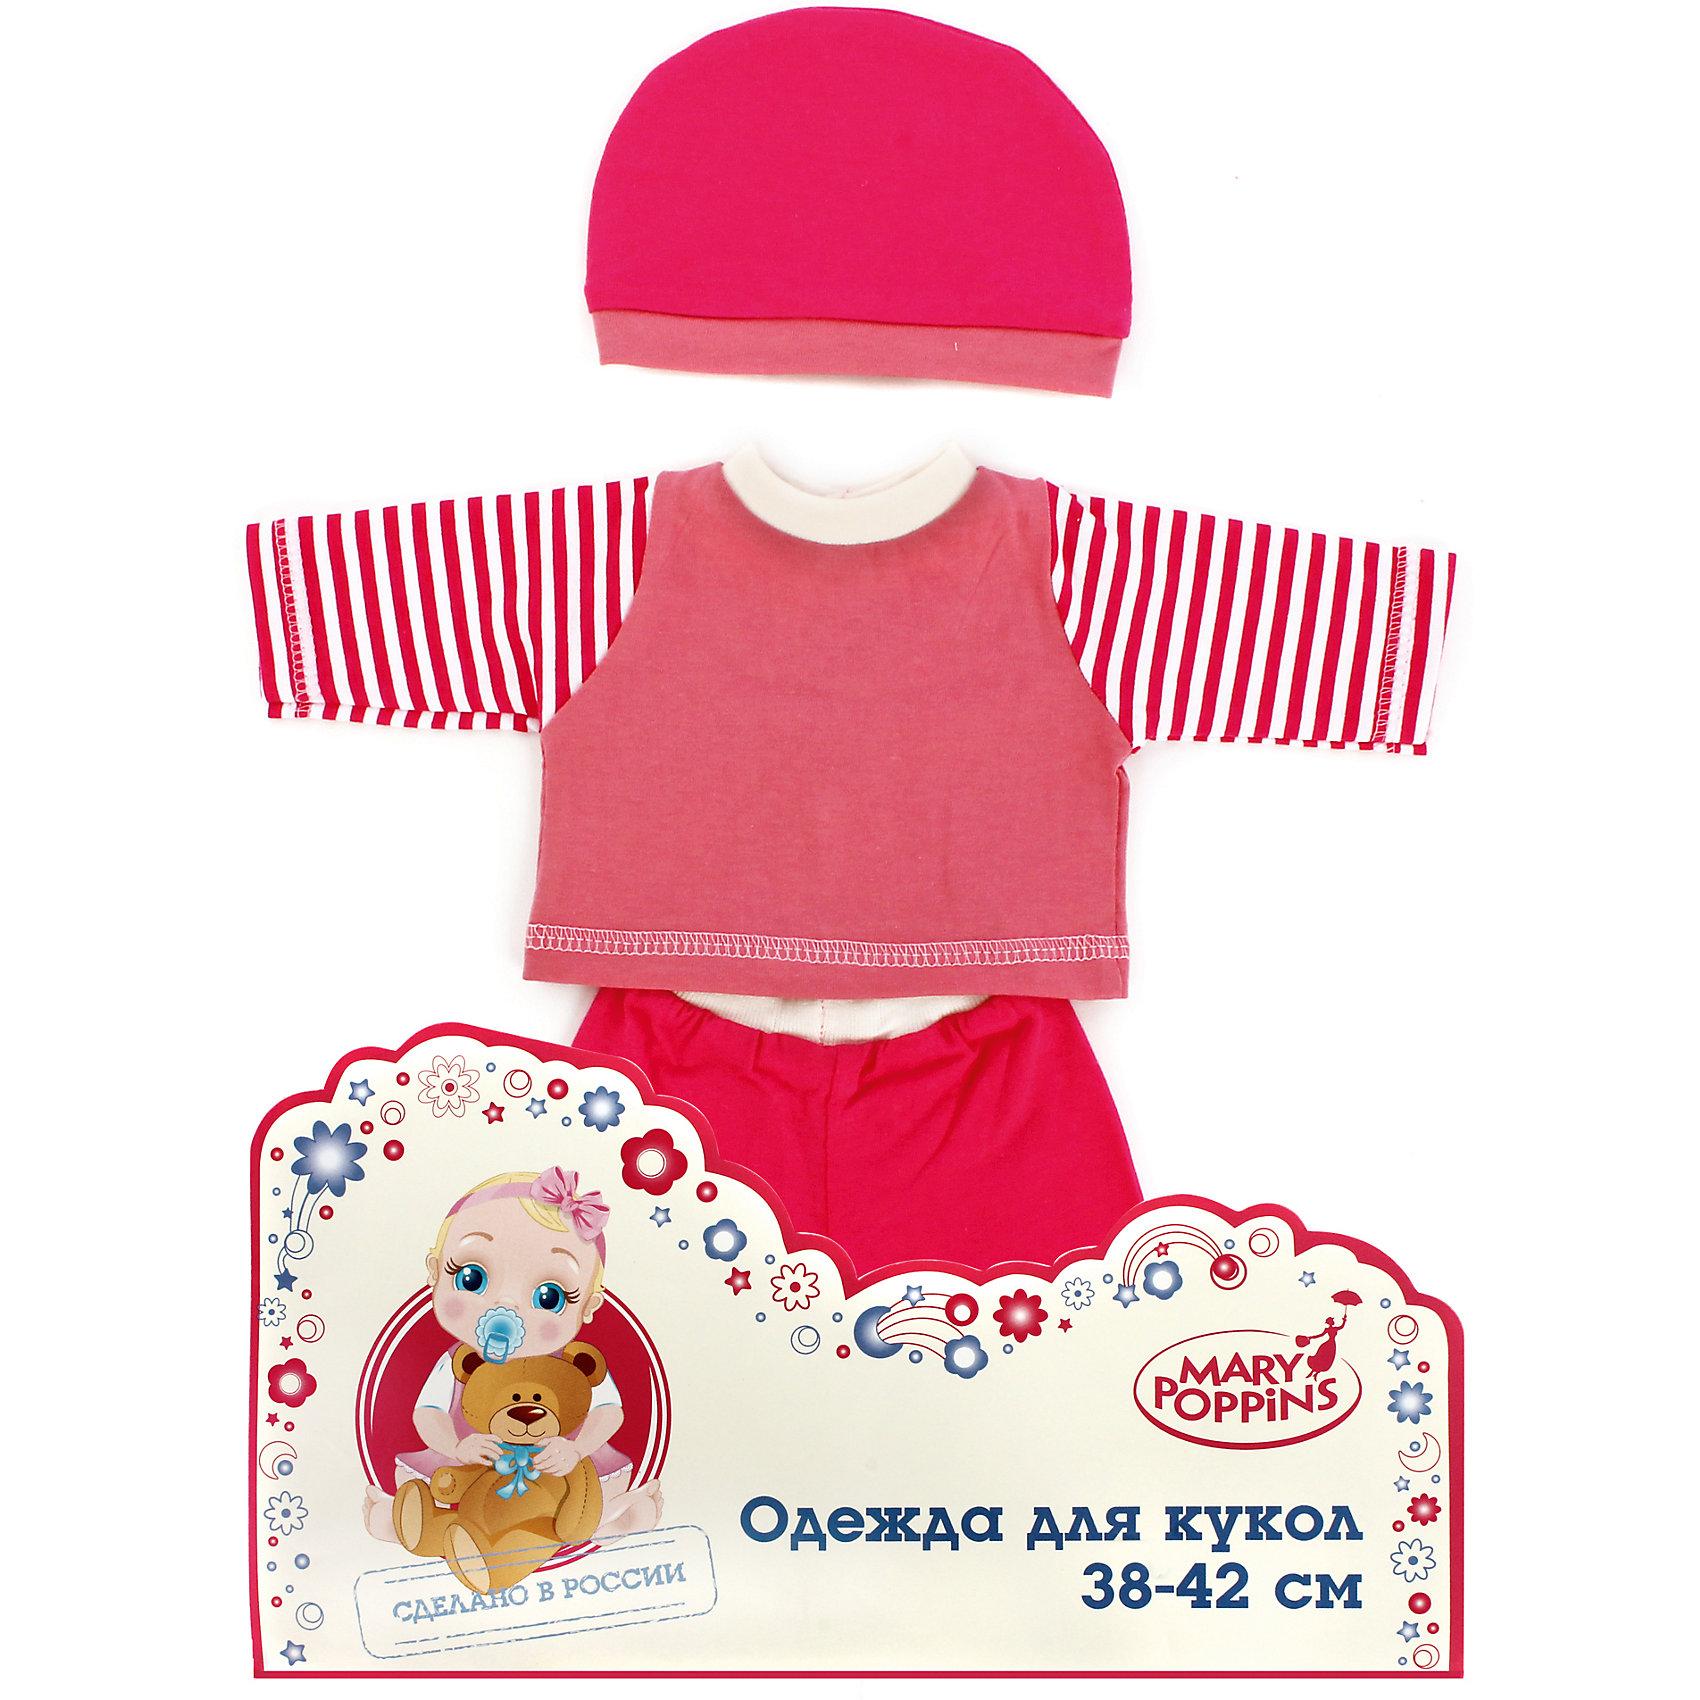 Одежда для куклы 42 см, кофточка, брючки и шапочка, Mary Poppins, в ассортиментеКукольная одежда и аксессуары<br>Одежда для куклы 42 см, кофточка, брючки и шапочка, в ассортименте от популярного российского бренда кукол и аксессуаров Mary Poppins (Мэри Поппинс). Интересный и яркий набор с кофточкой, брючками и шапочкой, которые прекрасно сочетаются друг с другом, подойдет всем куклам длиной 42 см. Маленькая мама может теперь менять одежду своим деткам или даже стирать ее в игрушечной машине. Играя с куклами дети познают человека, как с физиологической, так и с стороны общения между людьми, развивается моторика рук, внимание, воображение, такие игры положительно влияют на психологическое развитие. <br><br>Дополнительная информация:<br><br>- В комплект входит: кофточка, брючки и шапочка<br>- Материал: текстиль<br><br>Внимание! Одежда для куклы 42 см, кофточка, брючки и шапочка поставляется в разных цветовых вариантах. К сожалению, заранее выбрать определенный цвет нельзя. При заказе двух кофточек и брючек и шапочки возможно получение одинаковых.<br><br>Одежду для куклы 42 см, кофточка, брючки и шапочка, в ассортименте, Mary Poppins (Мэри Поппинс) можно купить в нашем интернет-магазине.<br><br>Подробнее:<br>• Для детей в возрасте: от 3 до 10 лет<br>• Номер товара: 4925572<br>Страна производитель: Китай<br><br>Ширина мм: 175<br>Глубина мм: 5<br>Высота мм: 300<br>Вес г: 27<br>Возраст от месяцев: 36<br>Возраст до месяцев: 120<br>Пол: Женский<br>Возраст: Детский<br>SKU: 4925572